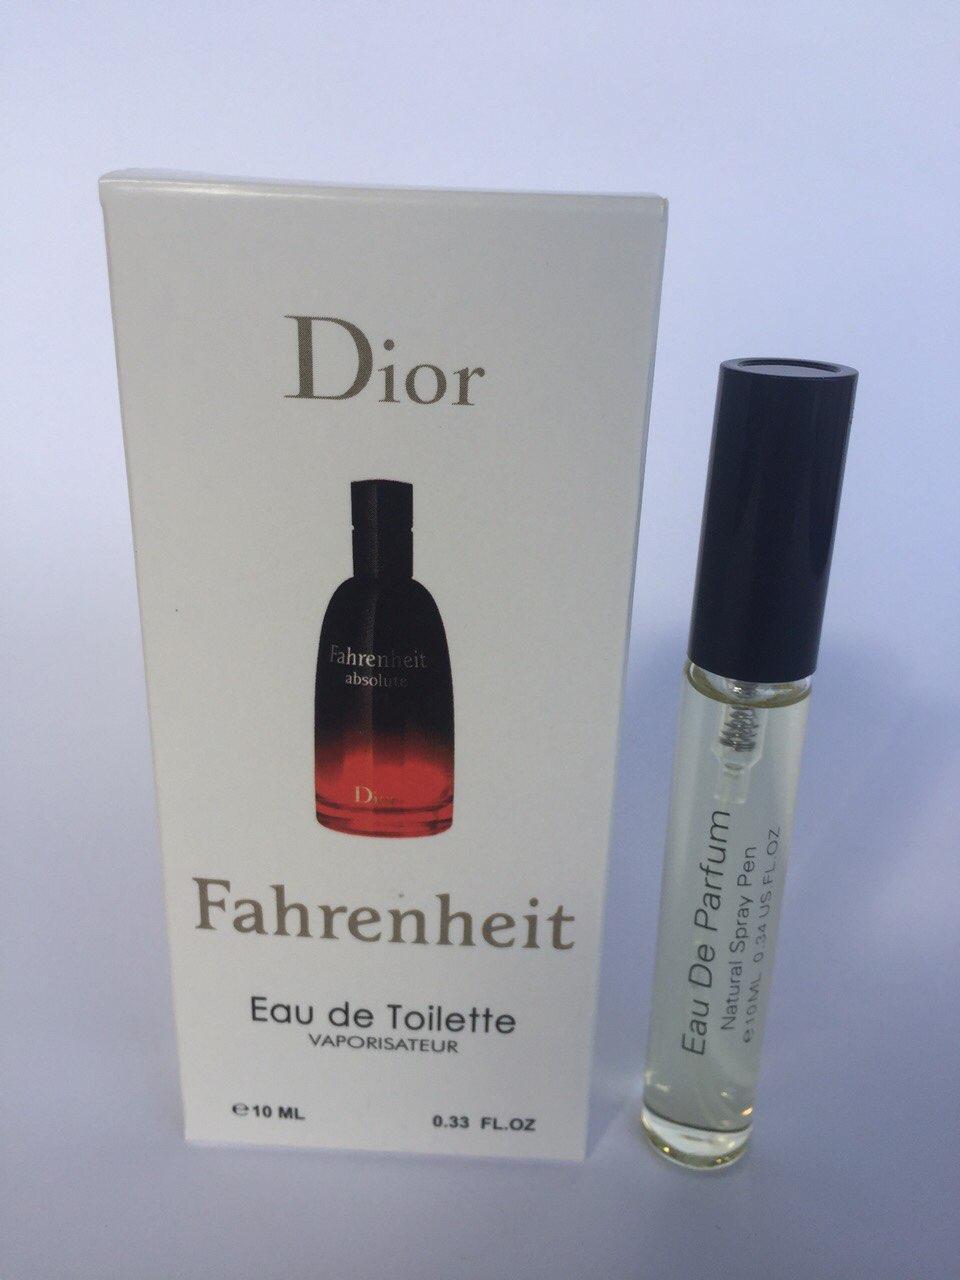 Мужской мини парфюм с феромонами Christian Dior Fahrenheit (Кристиан Диор Фаренгейт) 10 мл